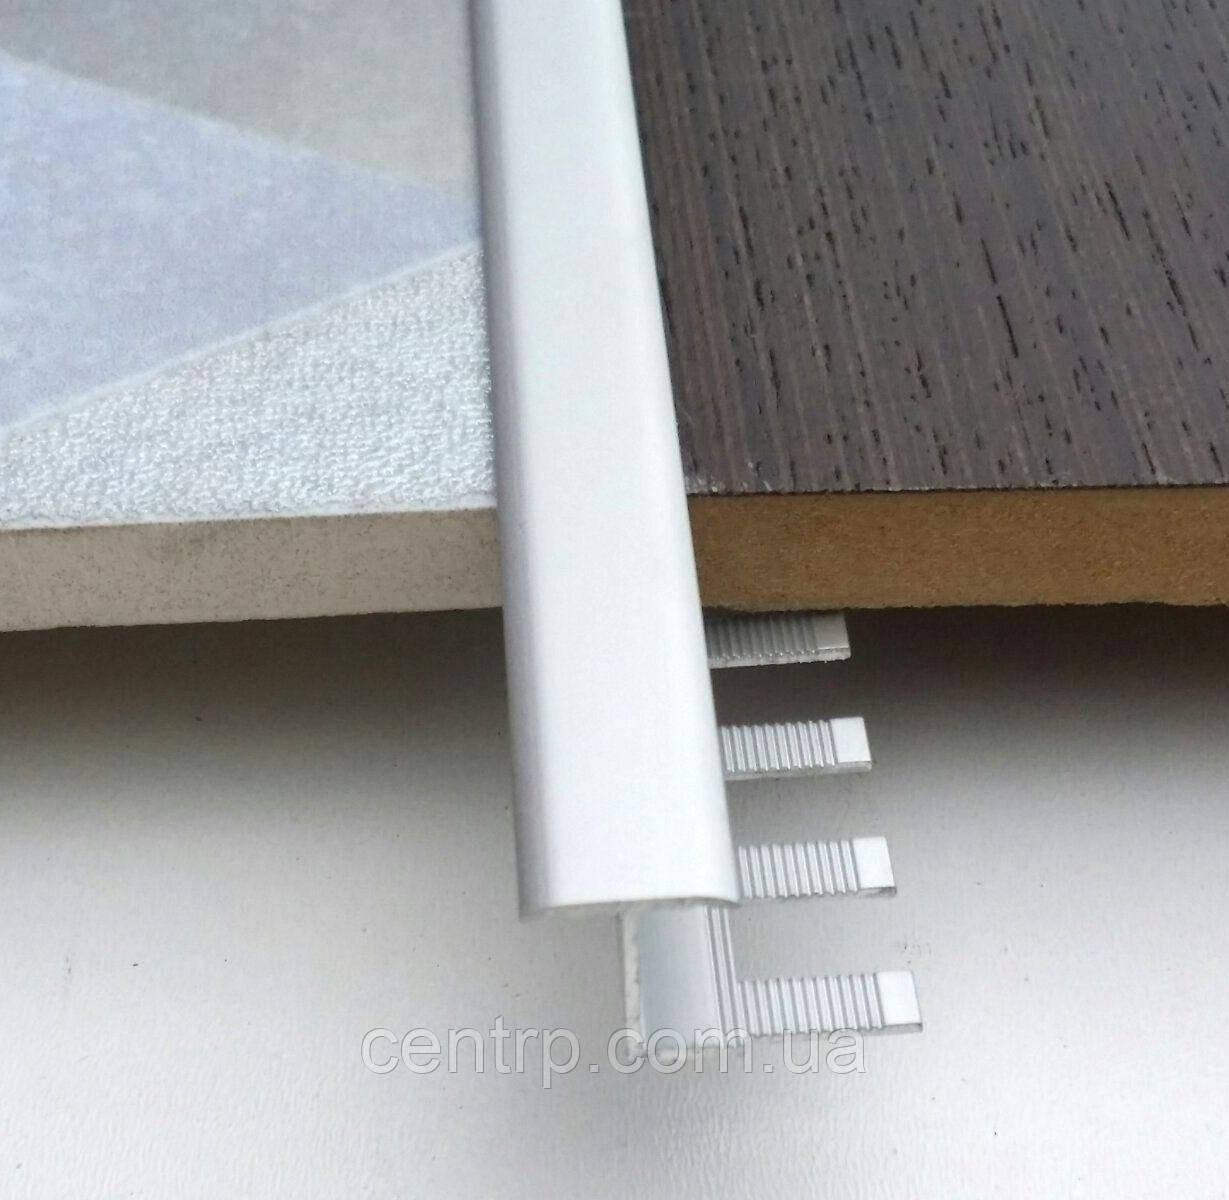 Гибкий Т-образный профиль для плитки до 12 мм АПЗГ 14-12 (14 мм) L - 2,7 м